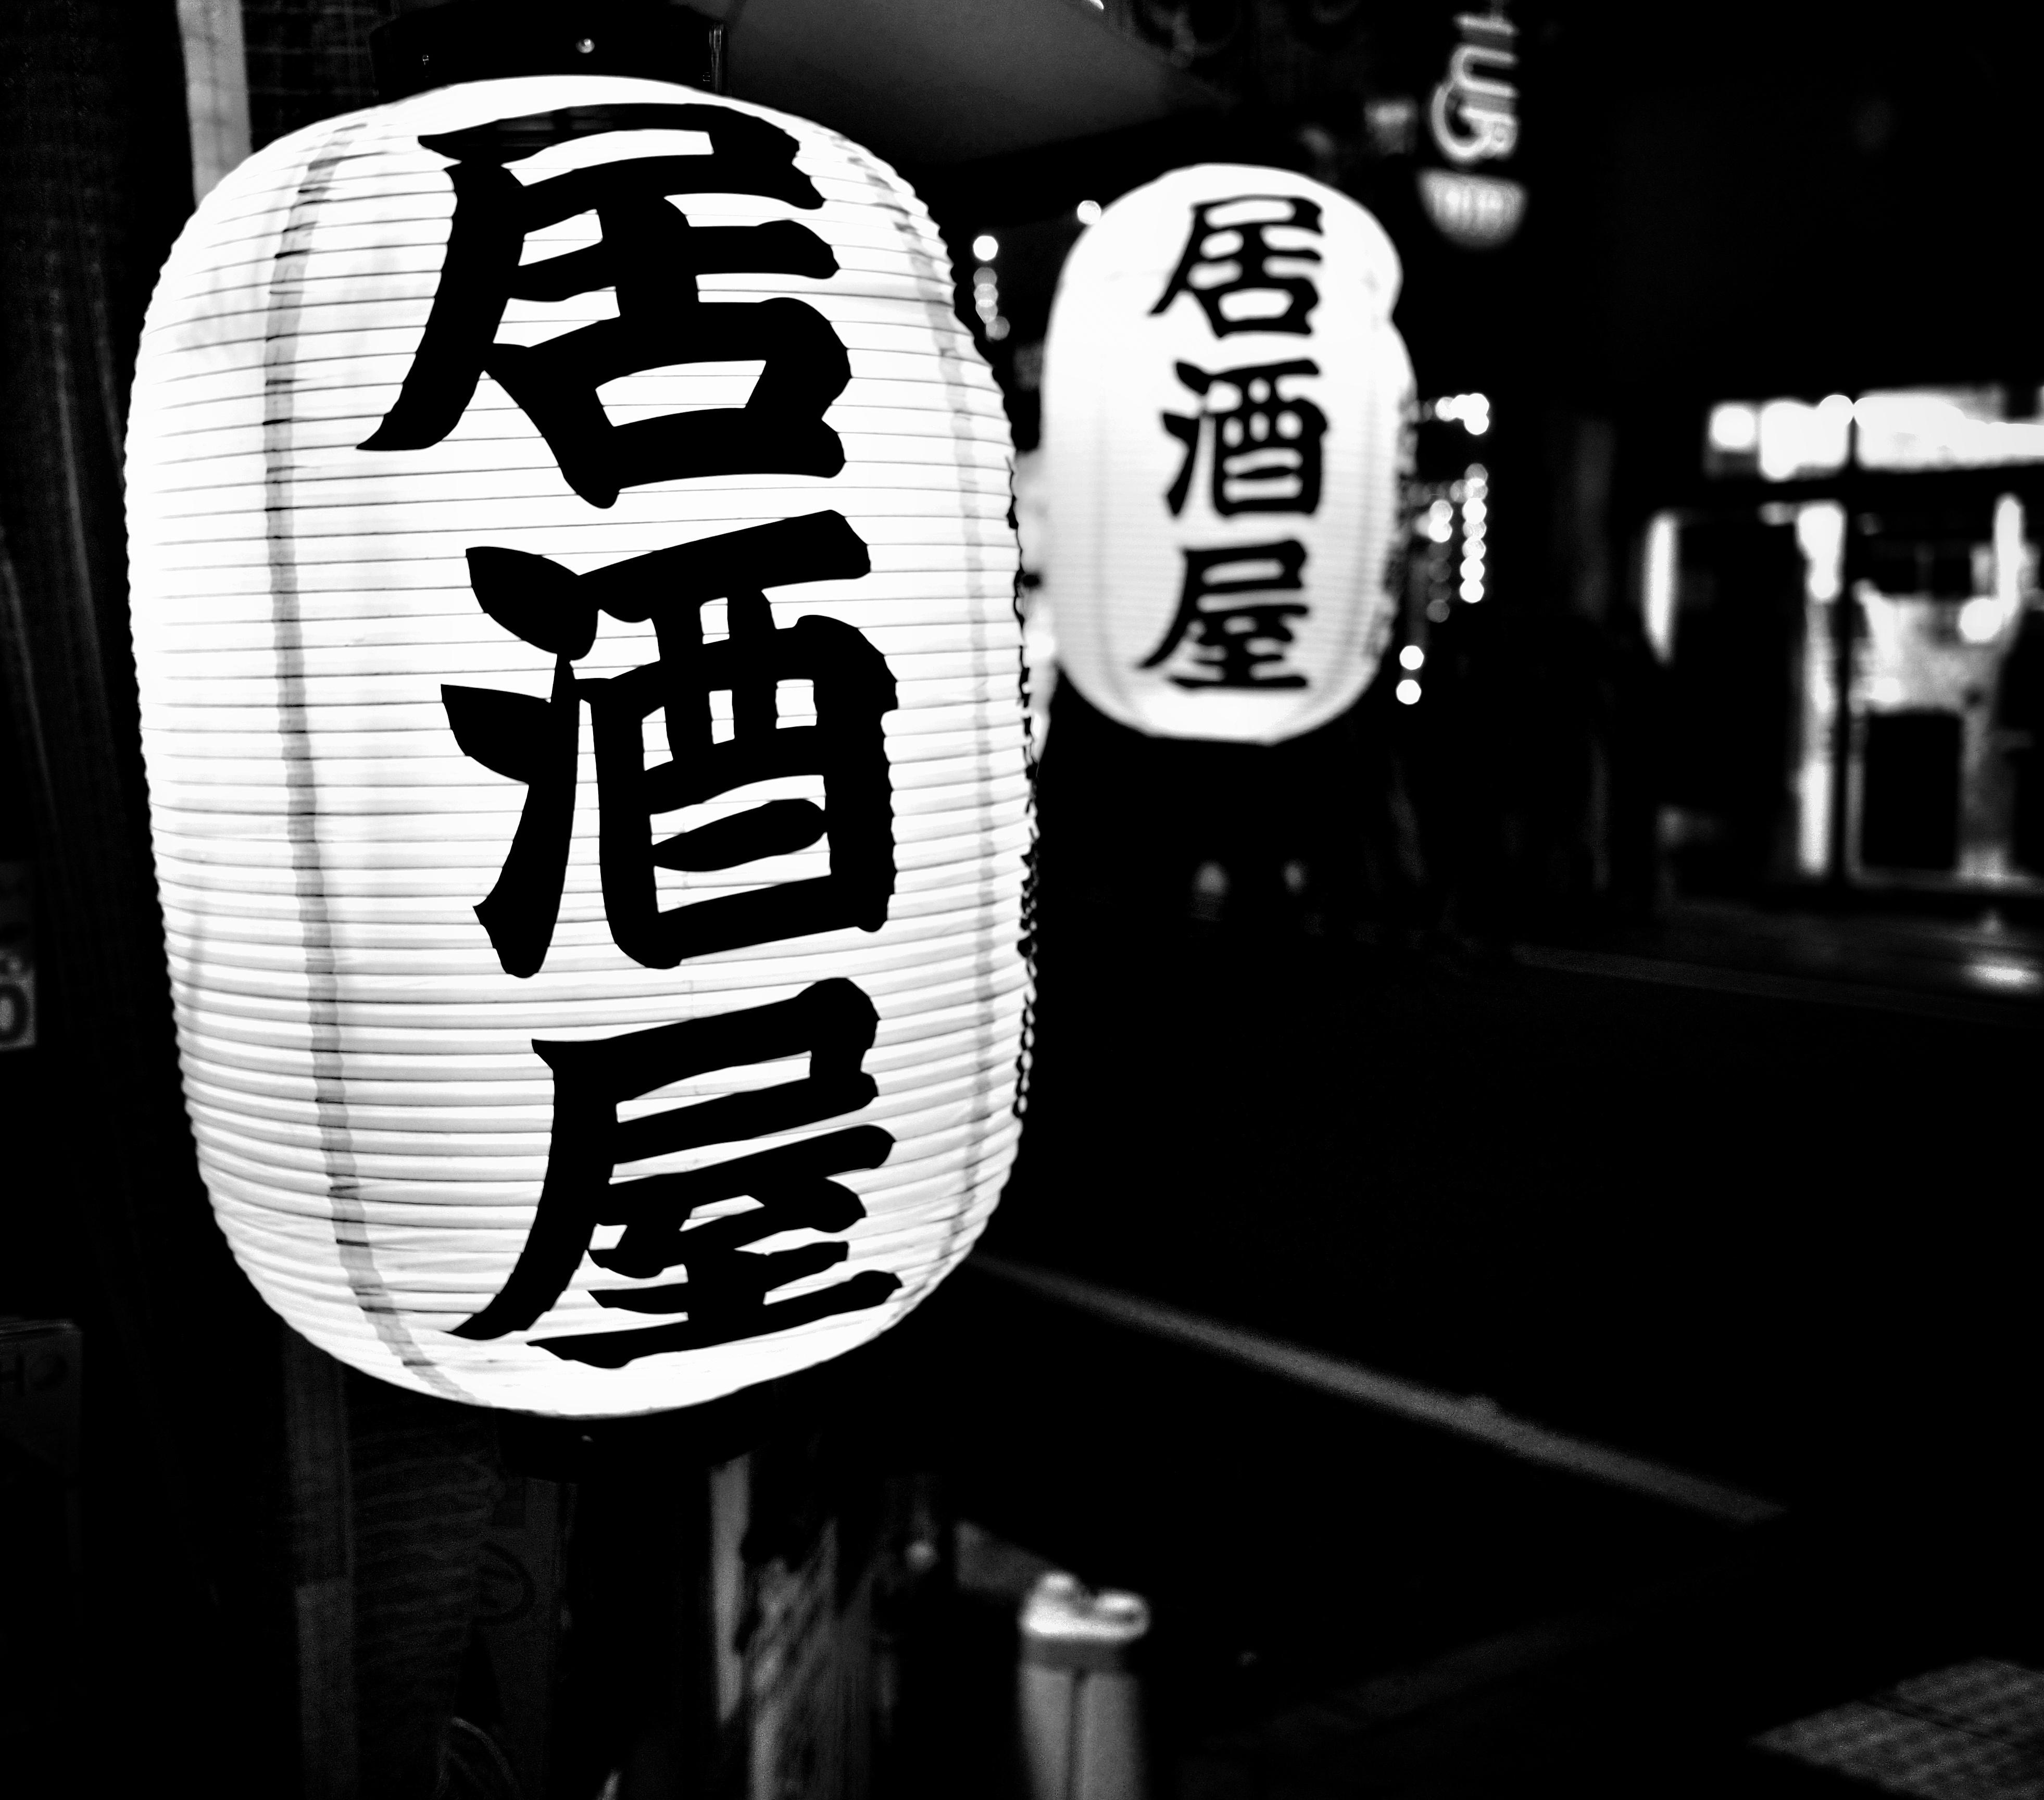 Izakaya Lanterns, Suginami Tokyo